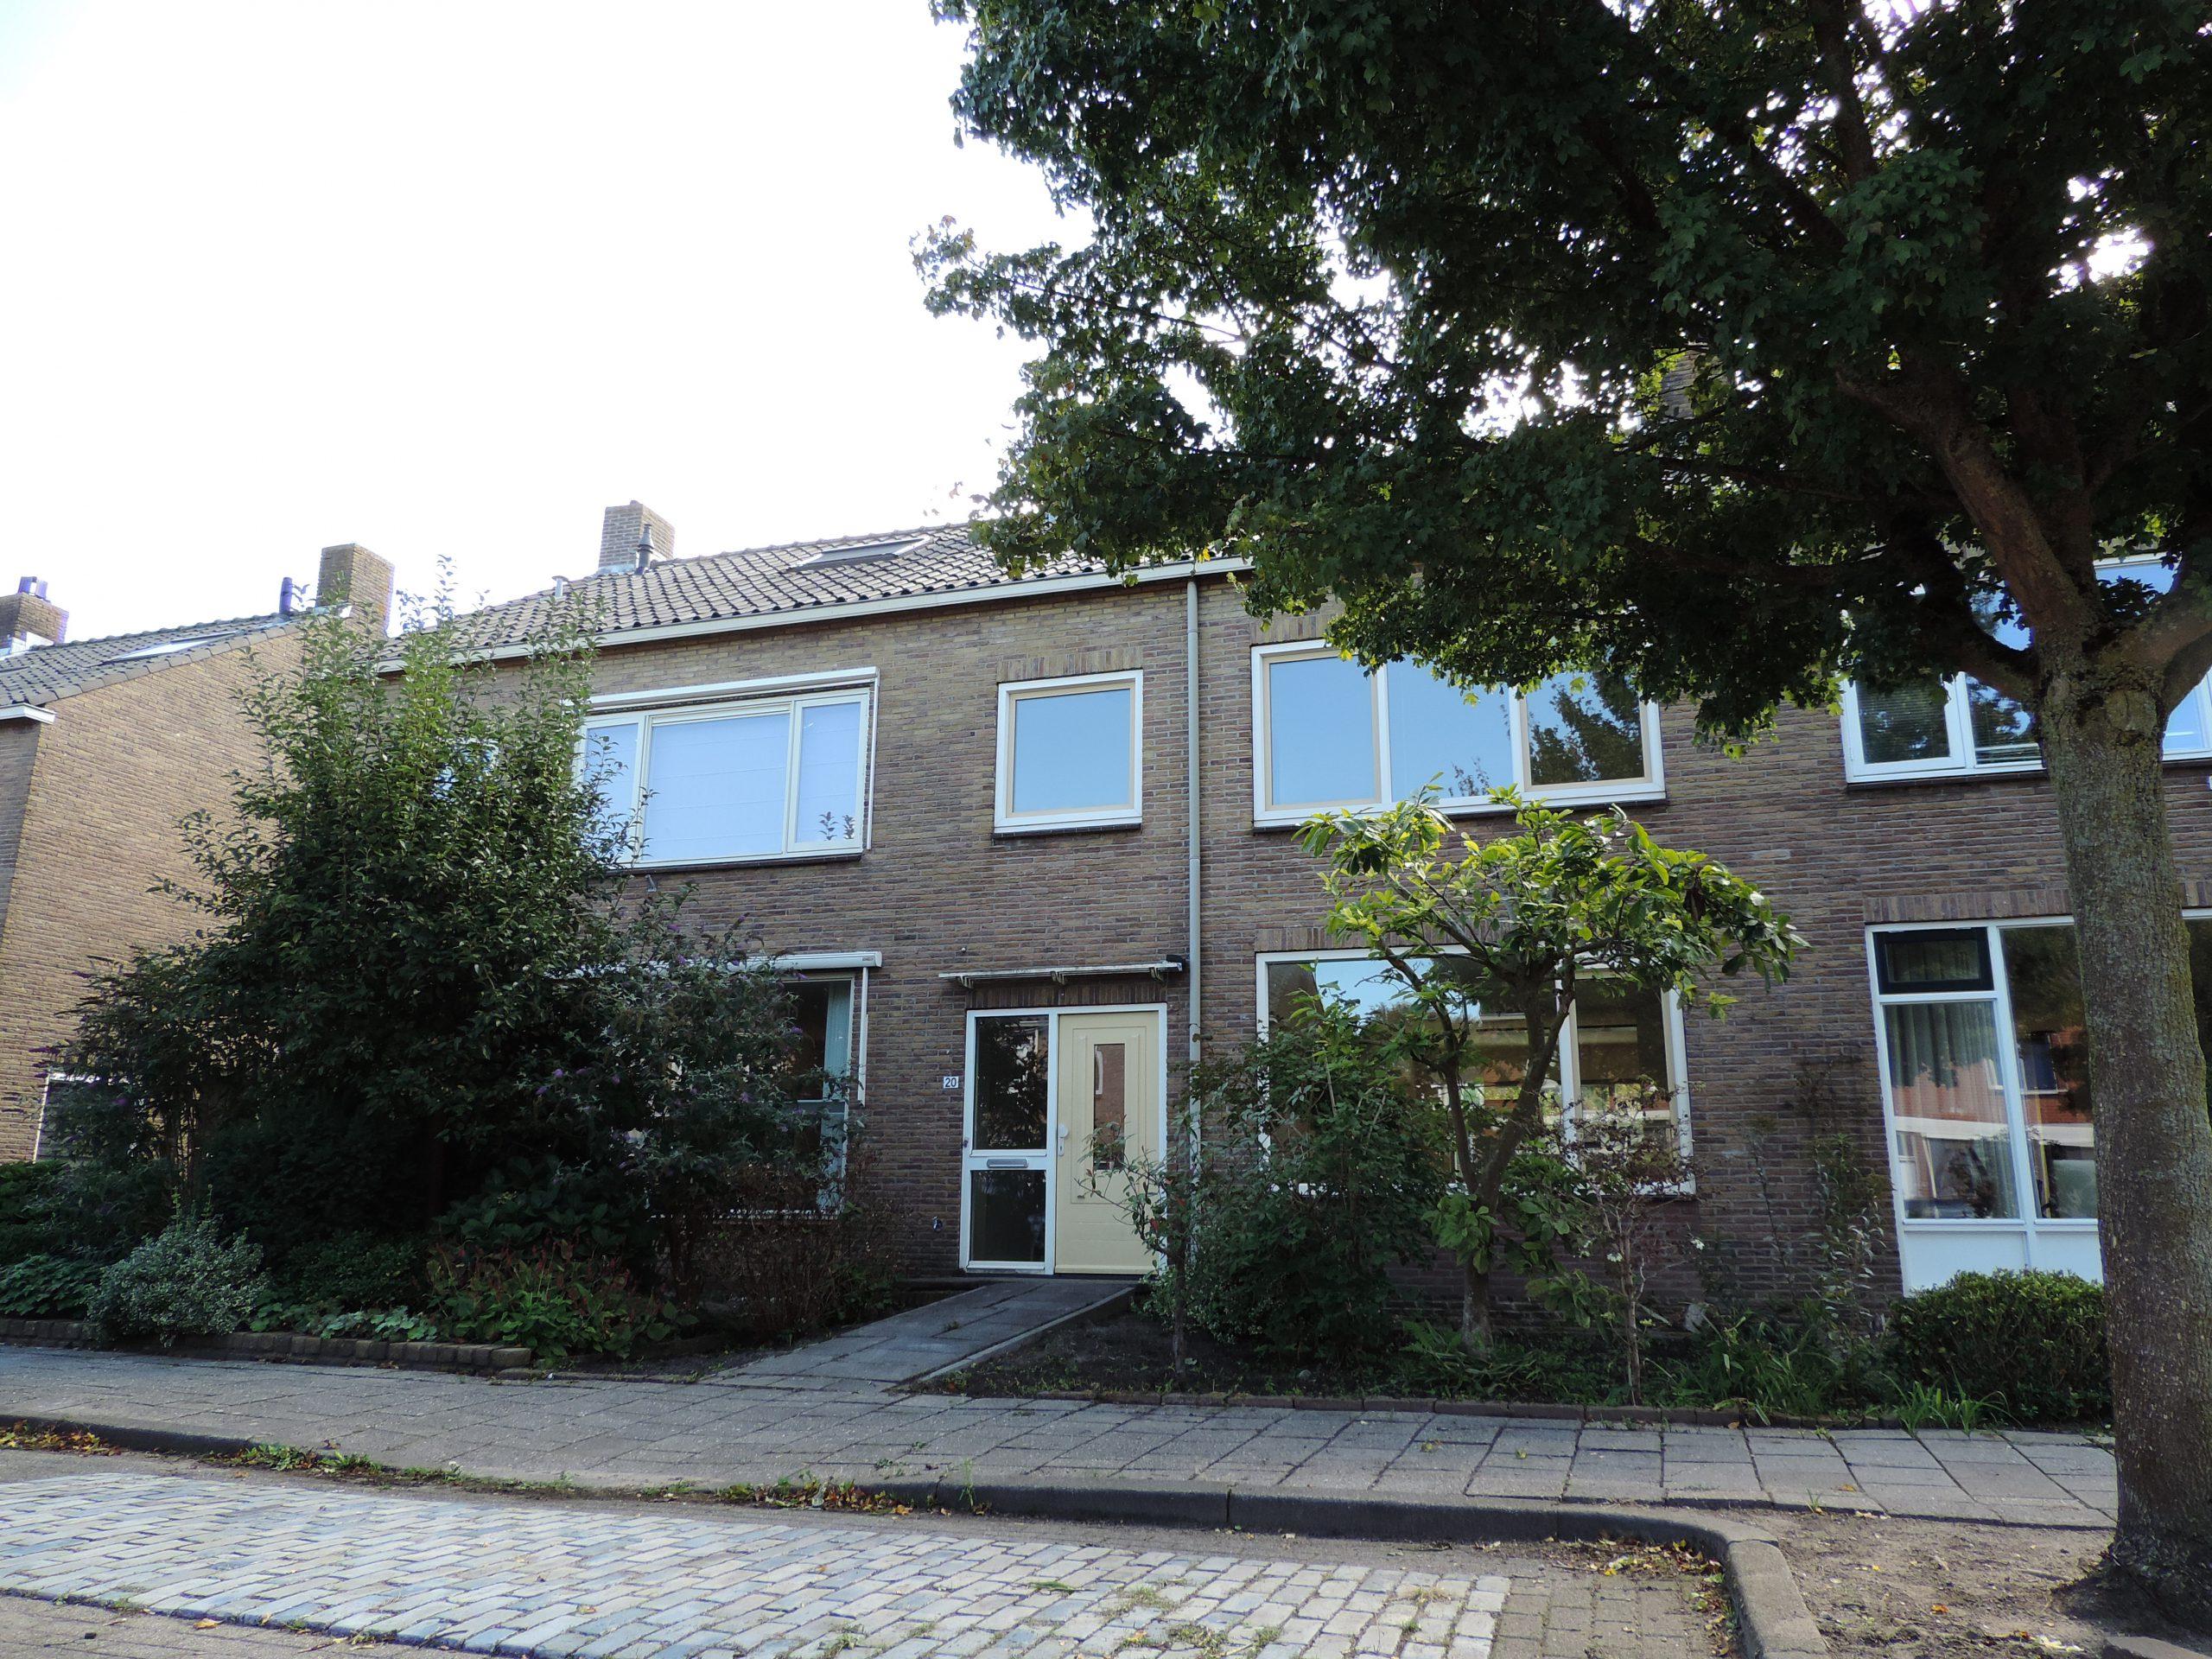 Stevinstraat 20 Kampen   |   Verkocht